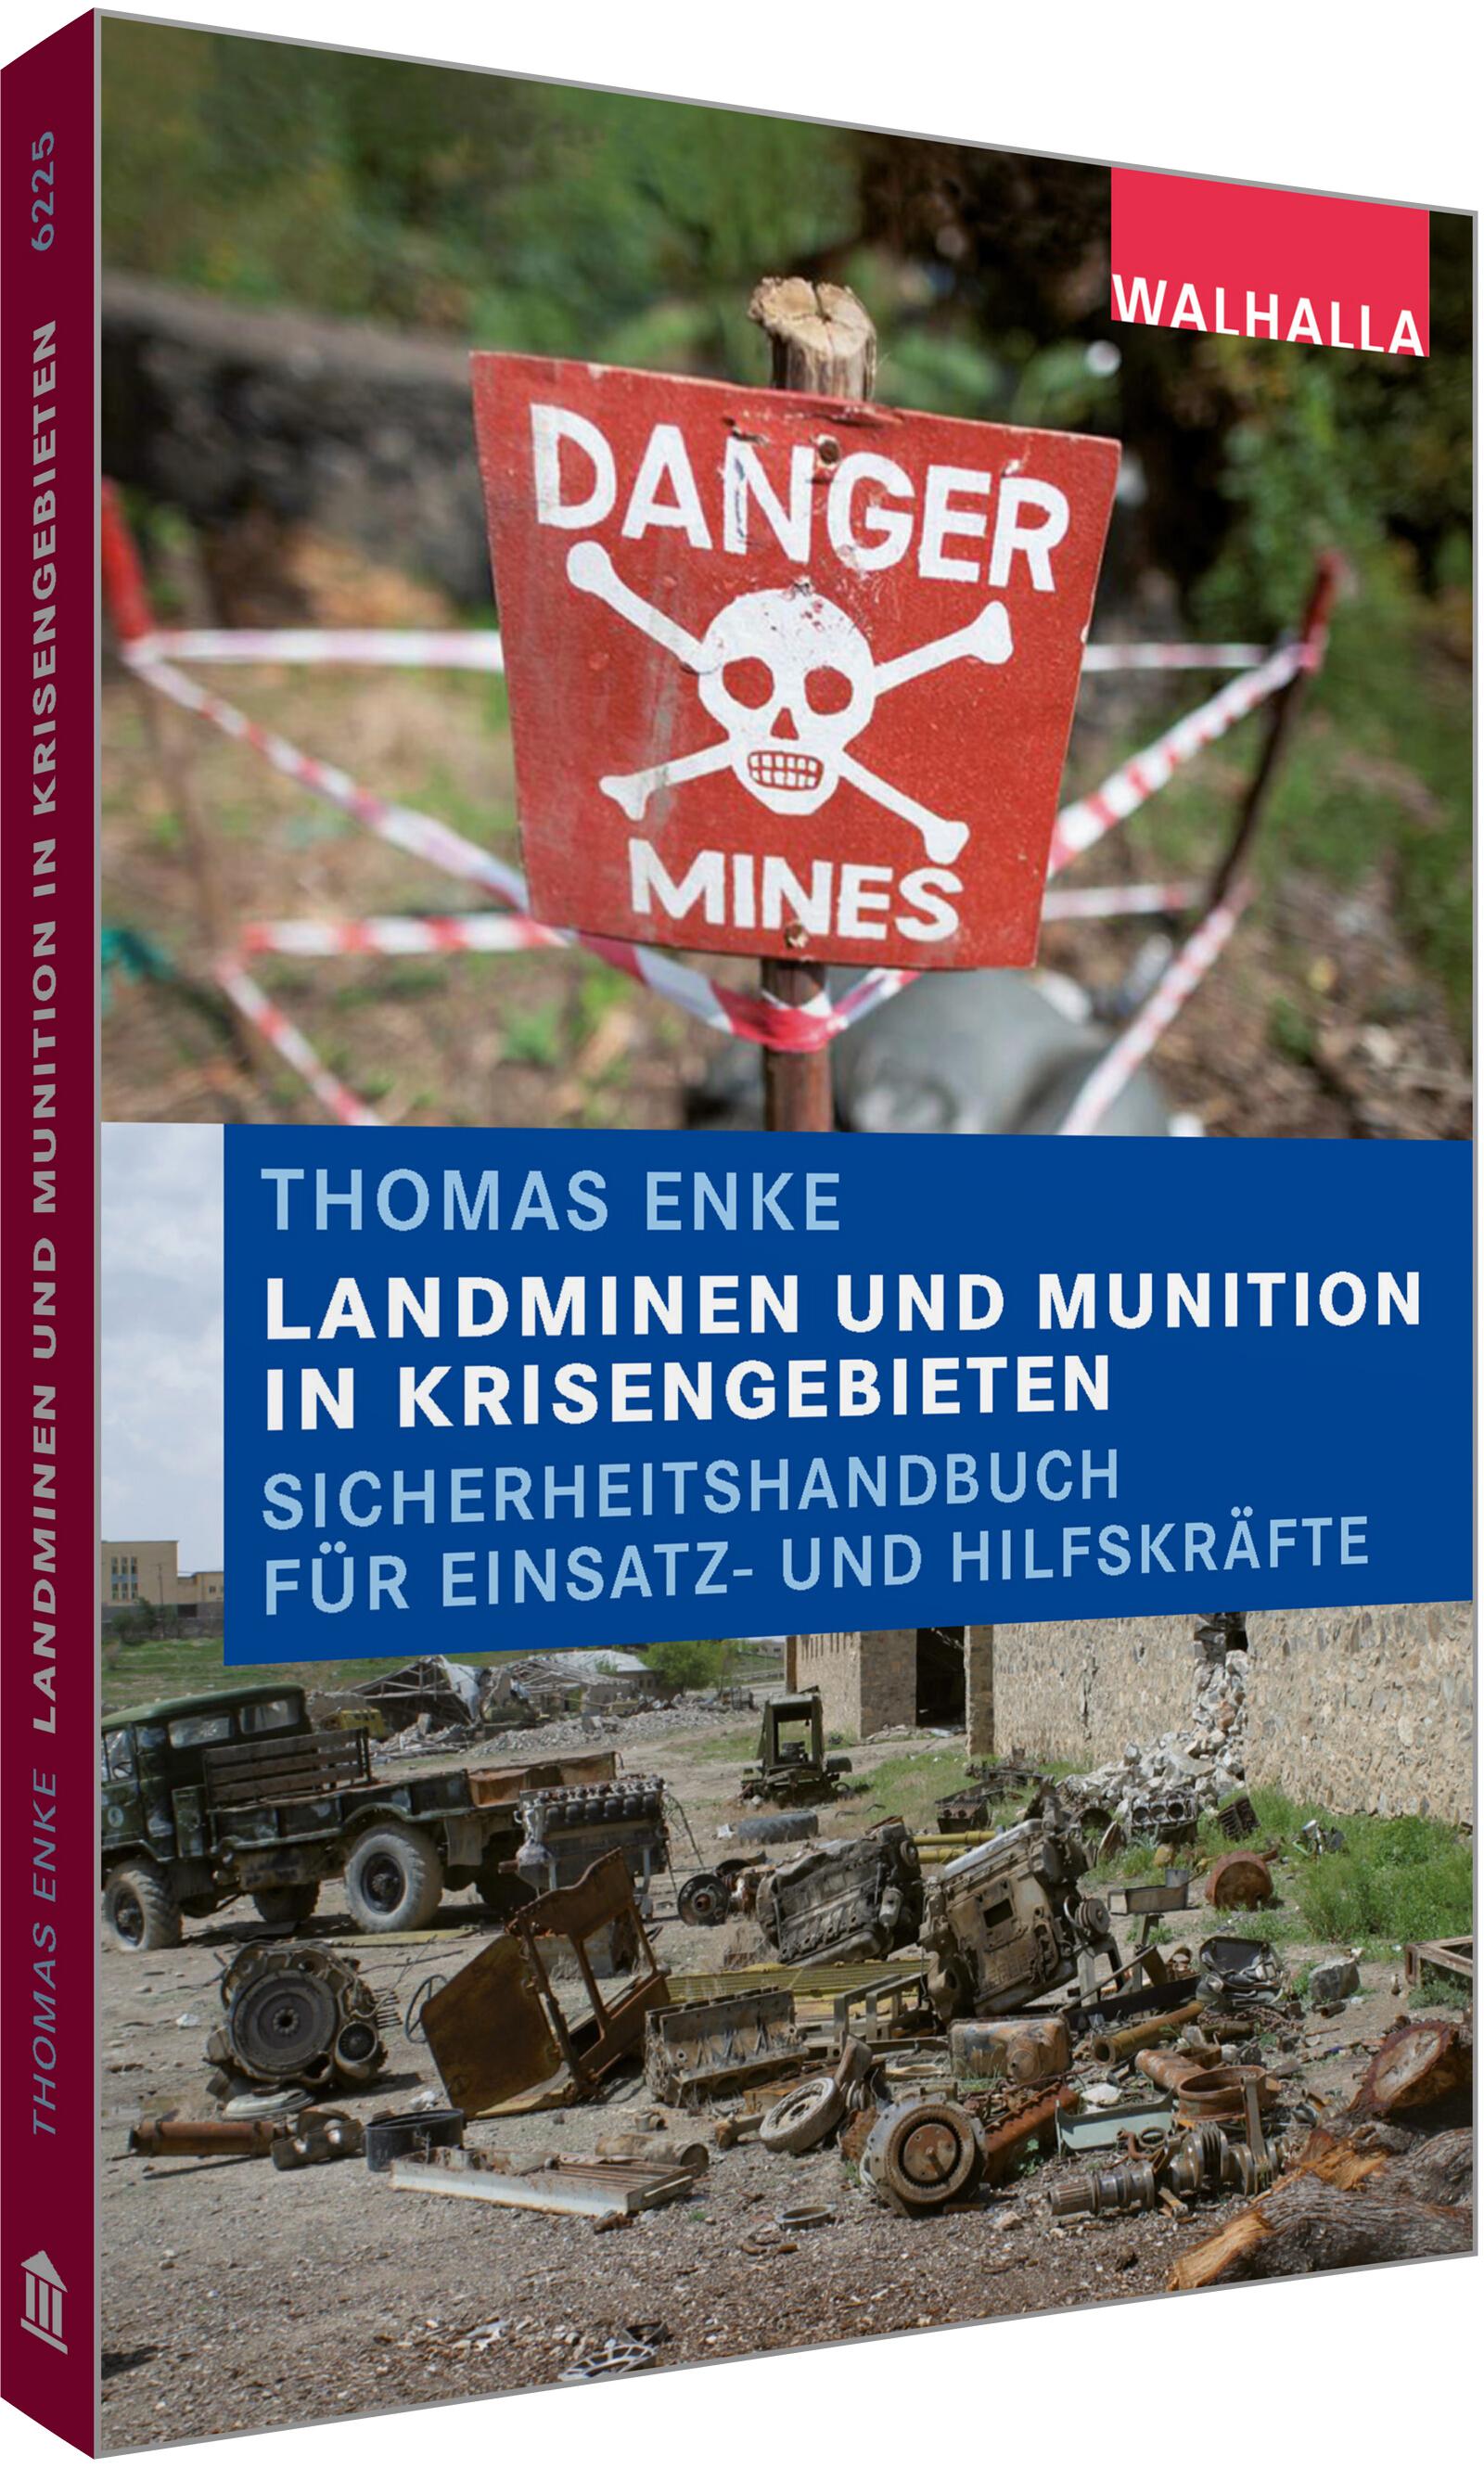 Landminen und Munition in Krisengebieten, Thomas Enke